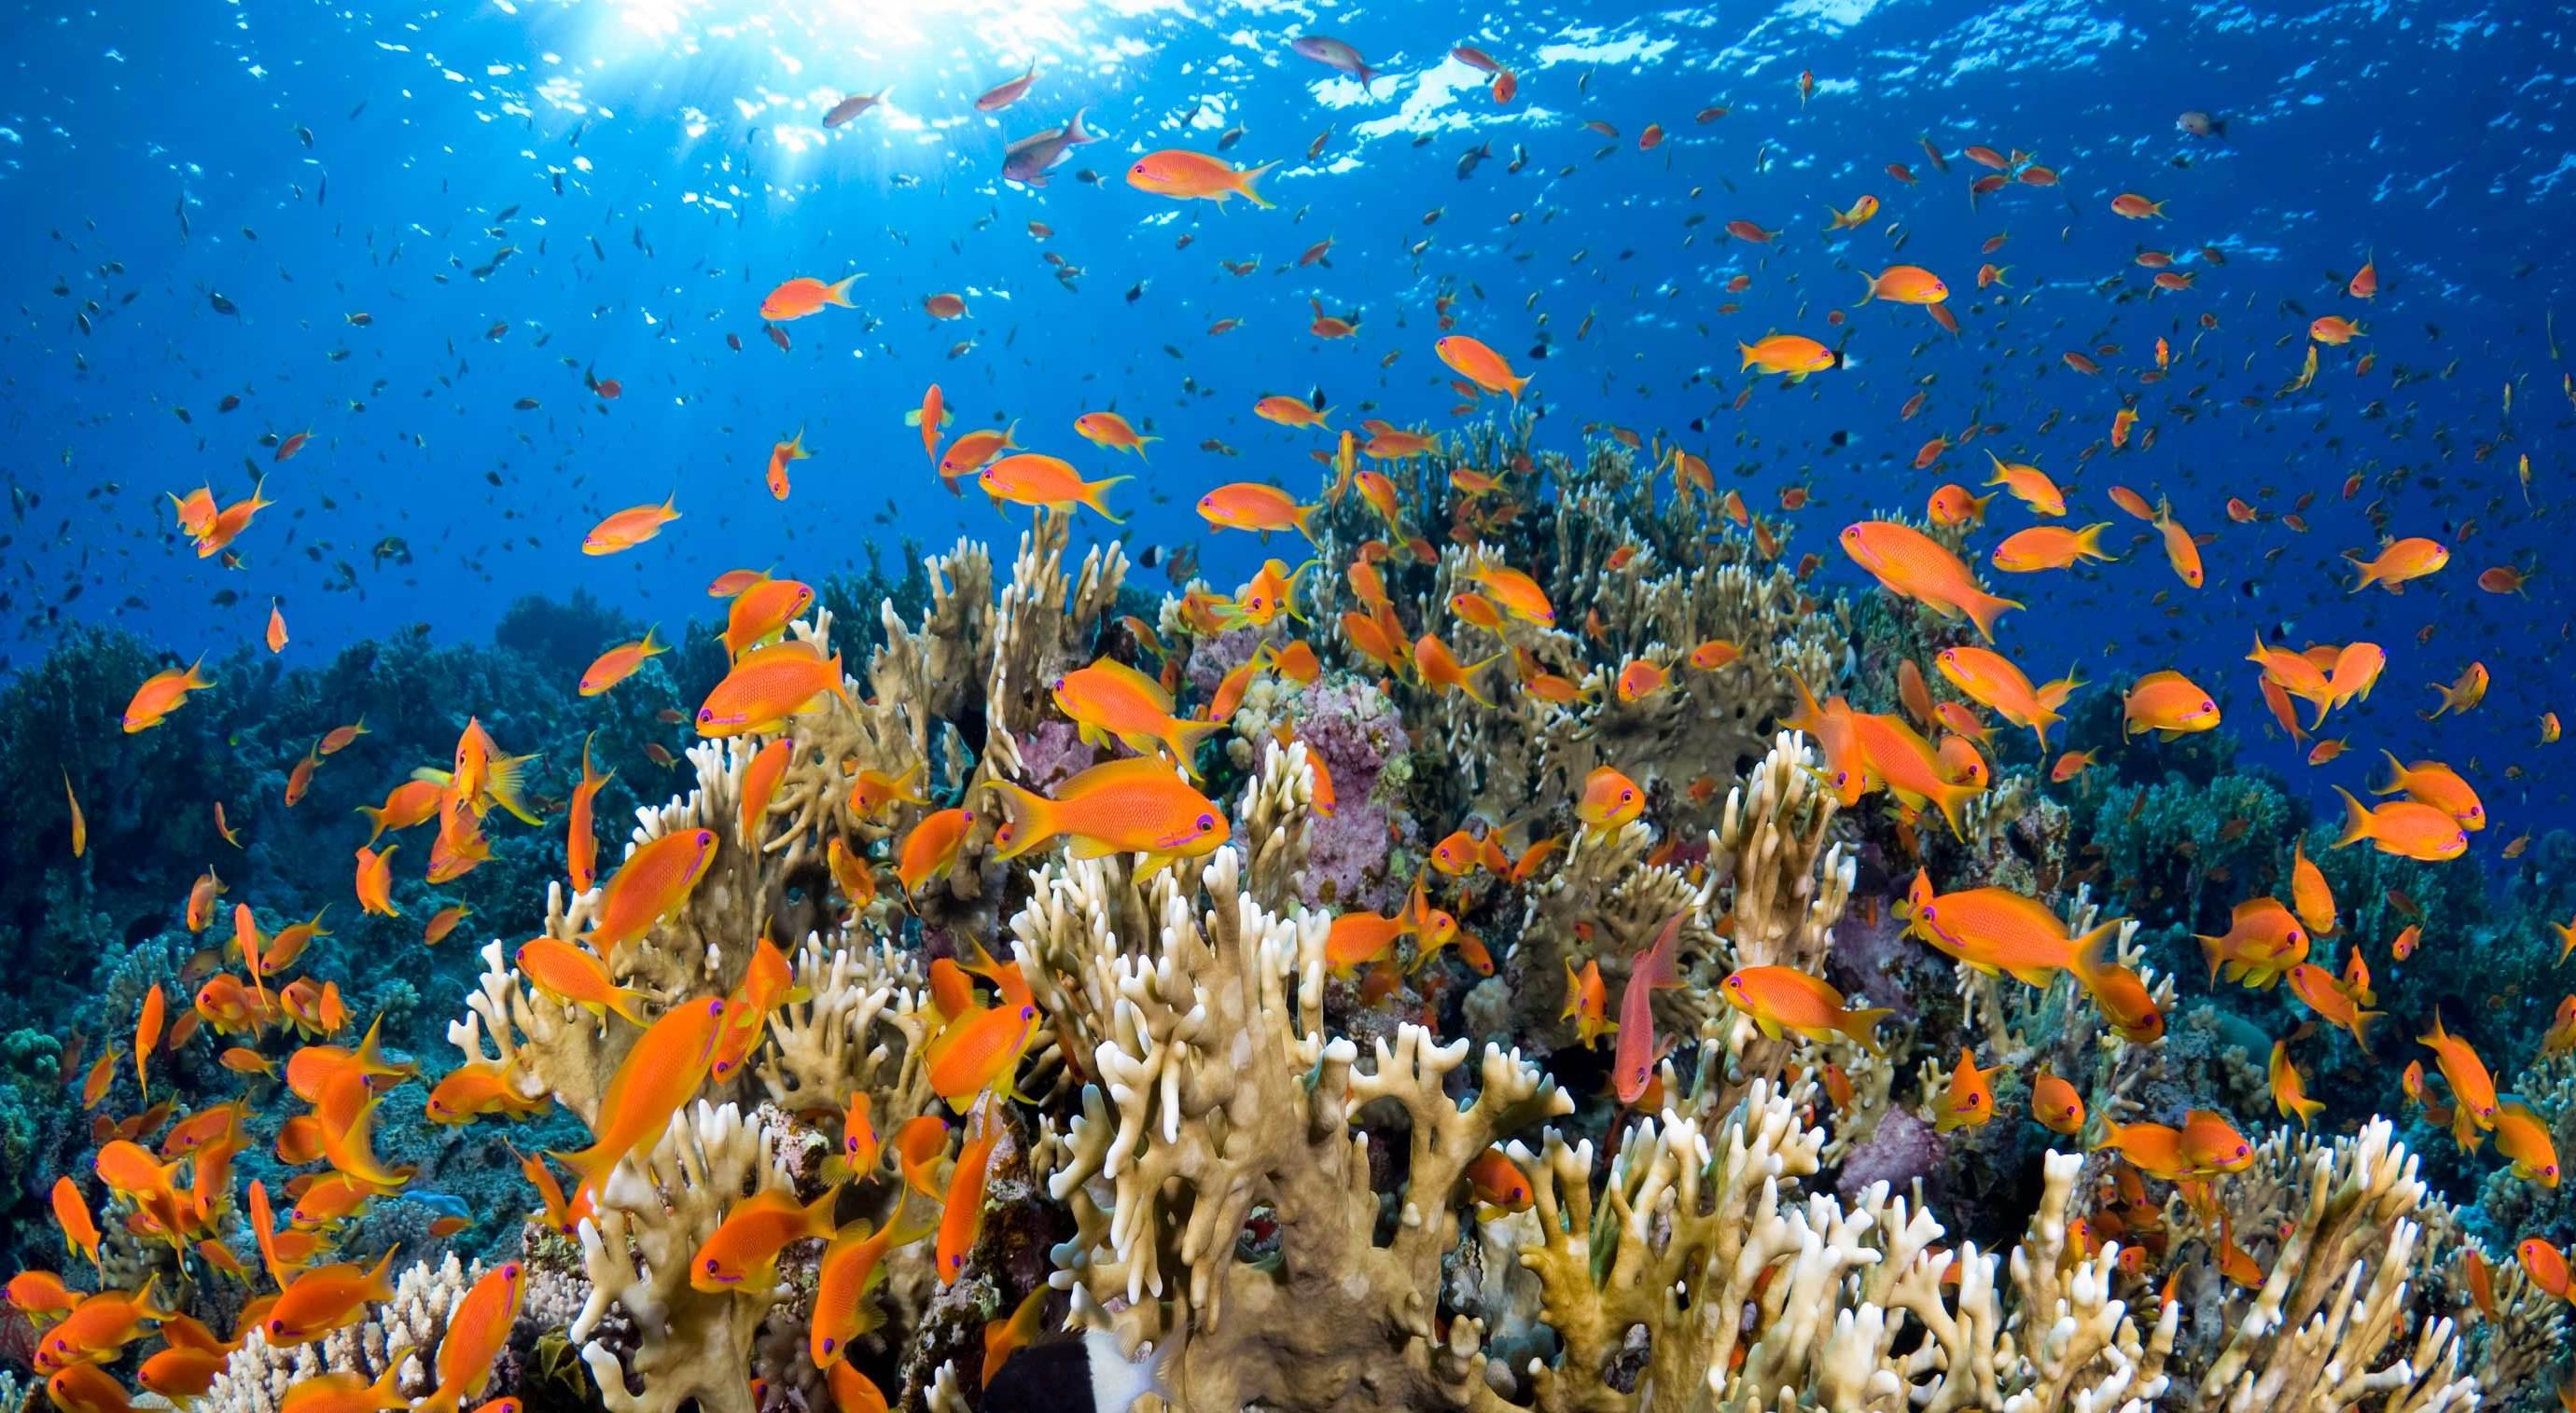 Urlaub in Ägypten und erkunden Sie einen des wunderschönsten Meeresbodens in Welt